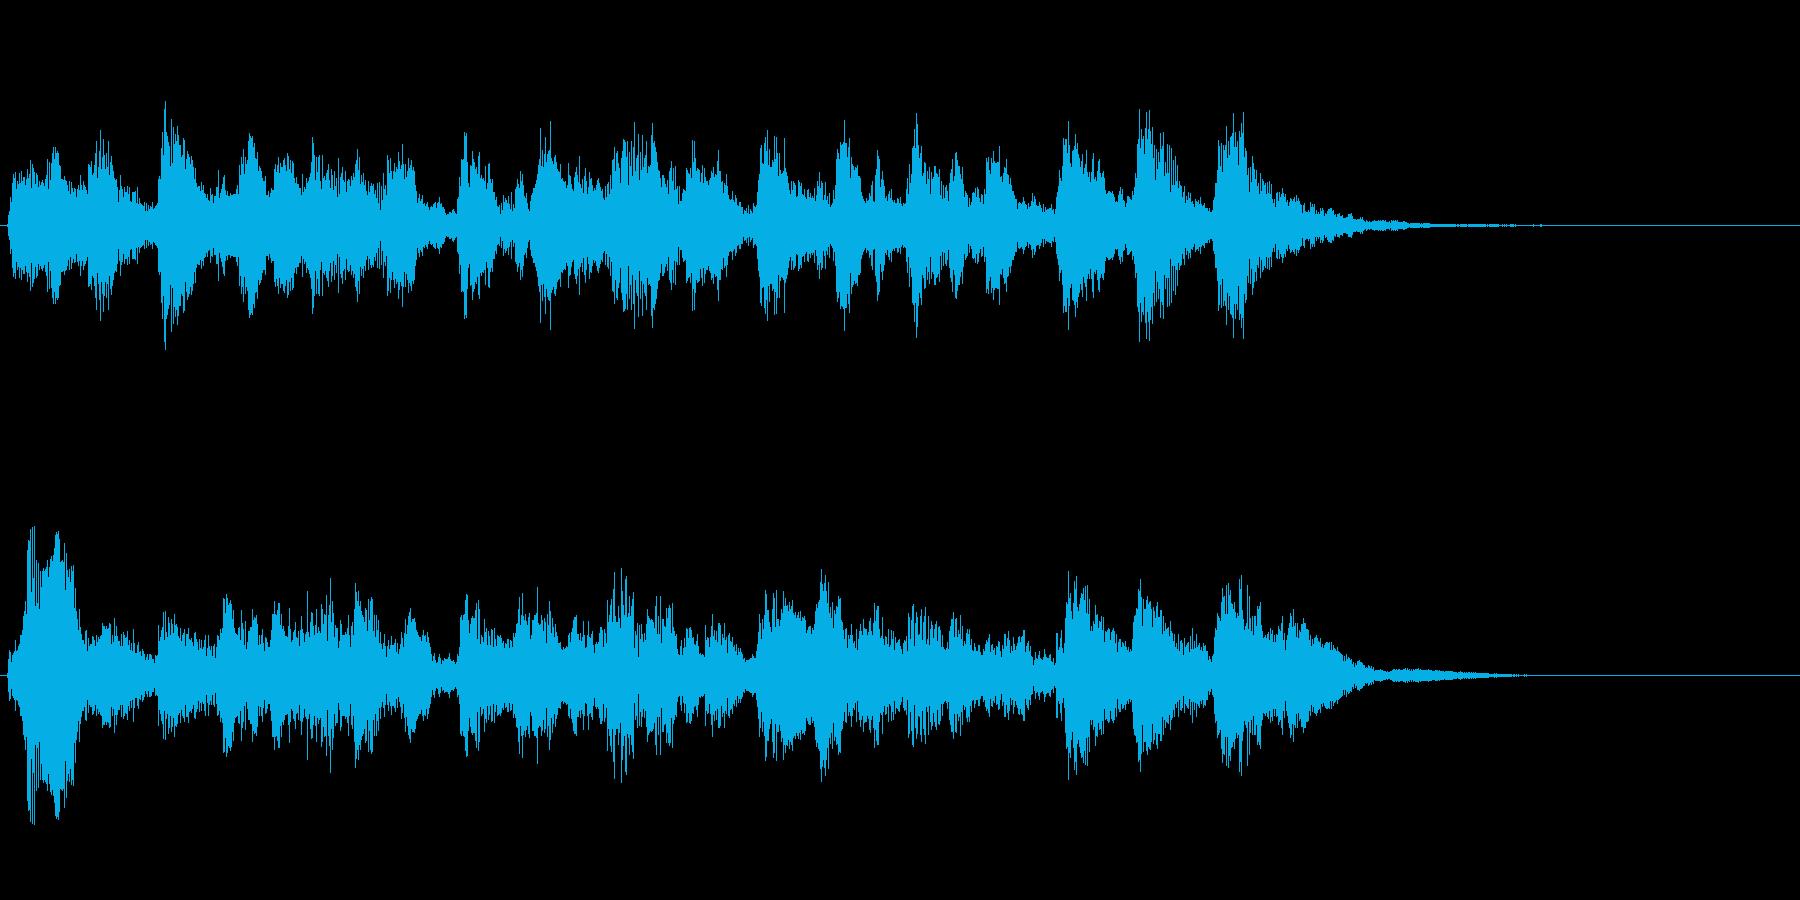 ピチカートの可愛い話題転換ジングルの再生済みの波形